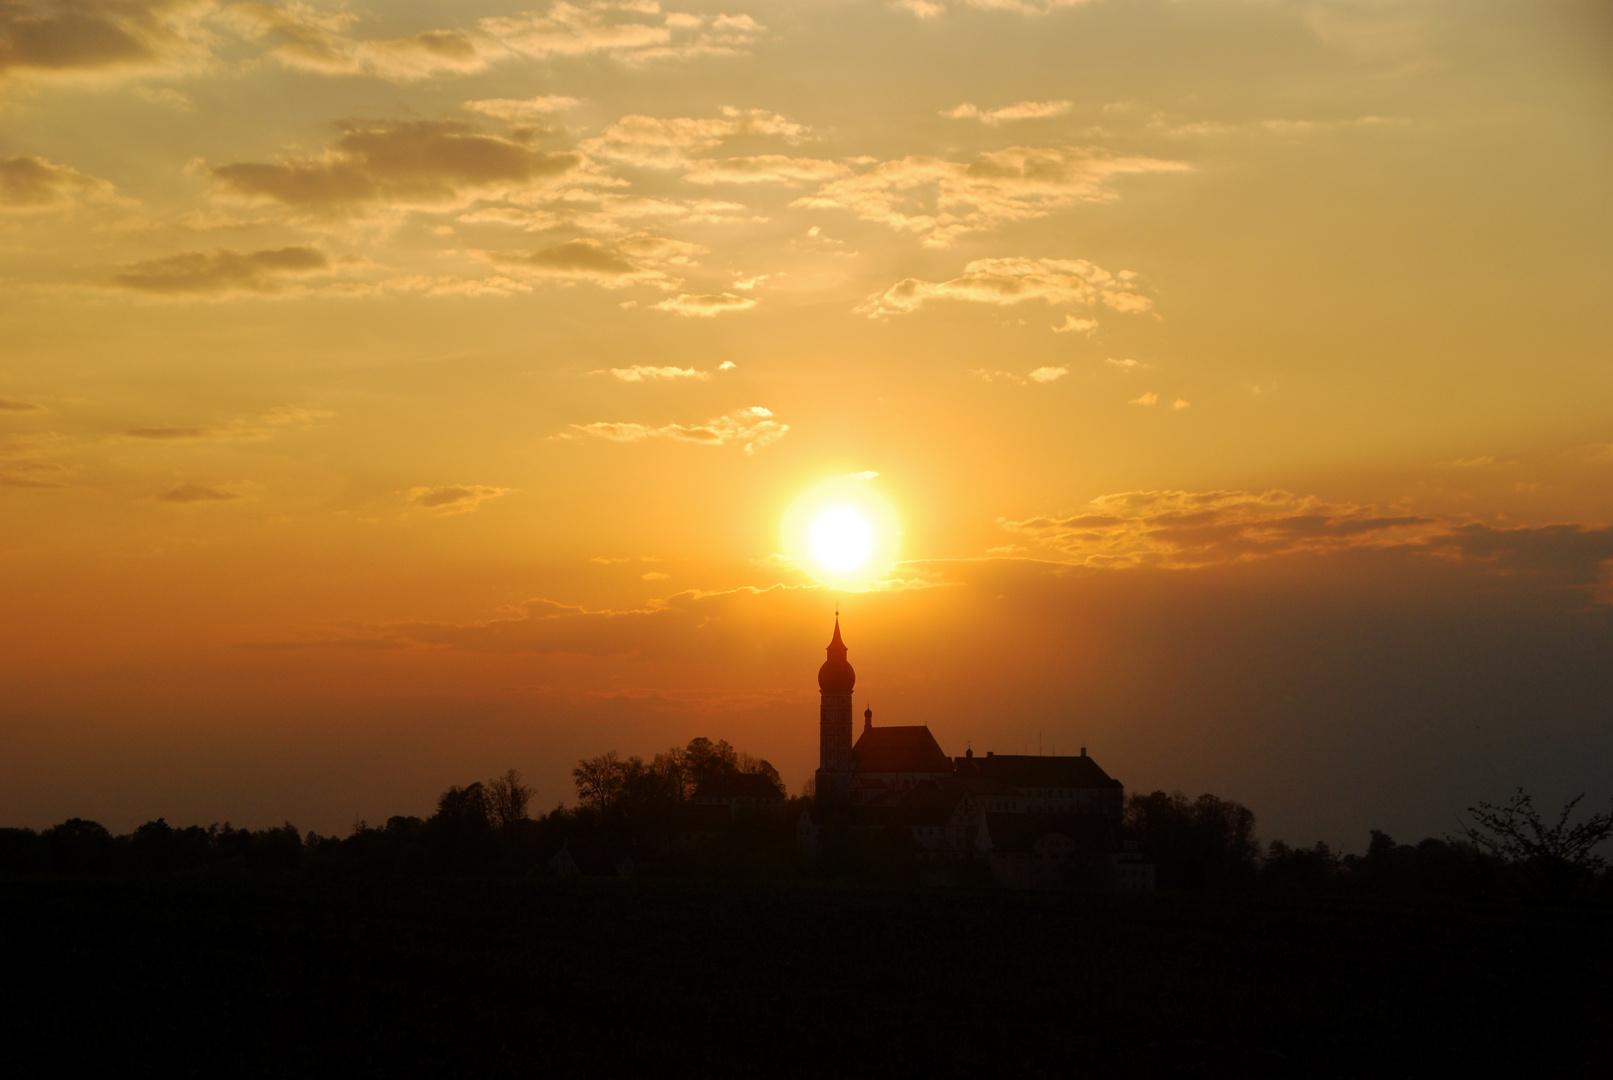 Sonnenuntergang mit Kloster Andechs, Bayern 37